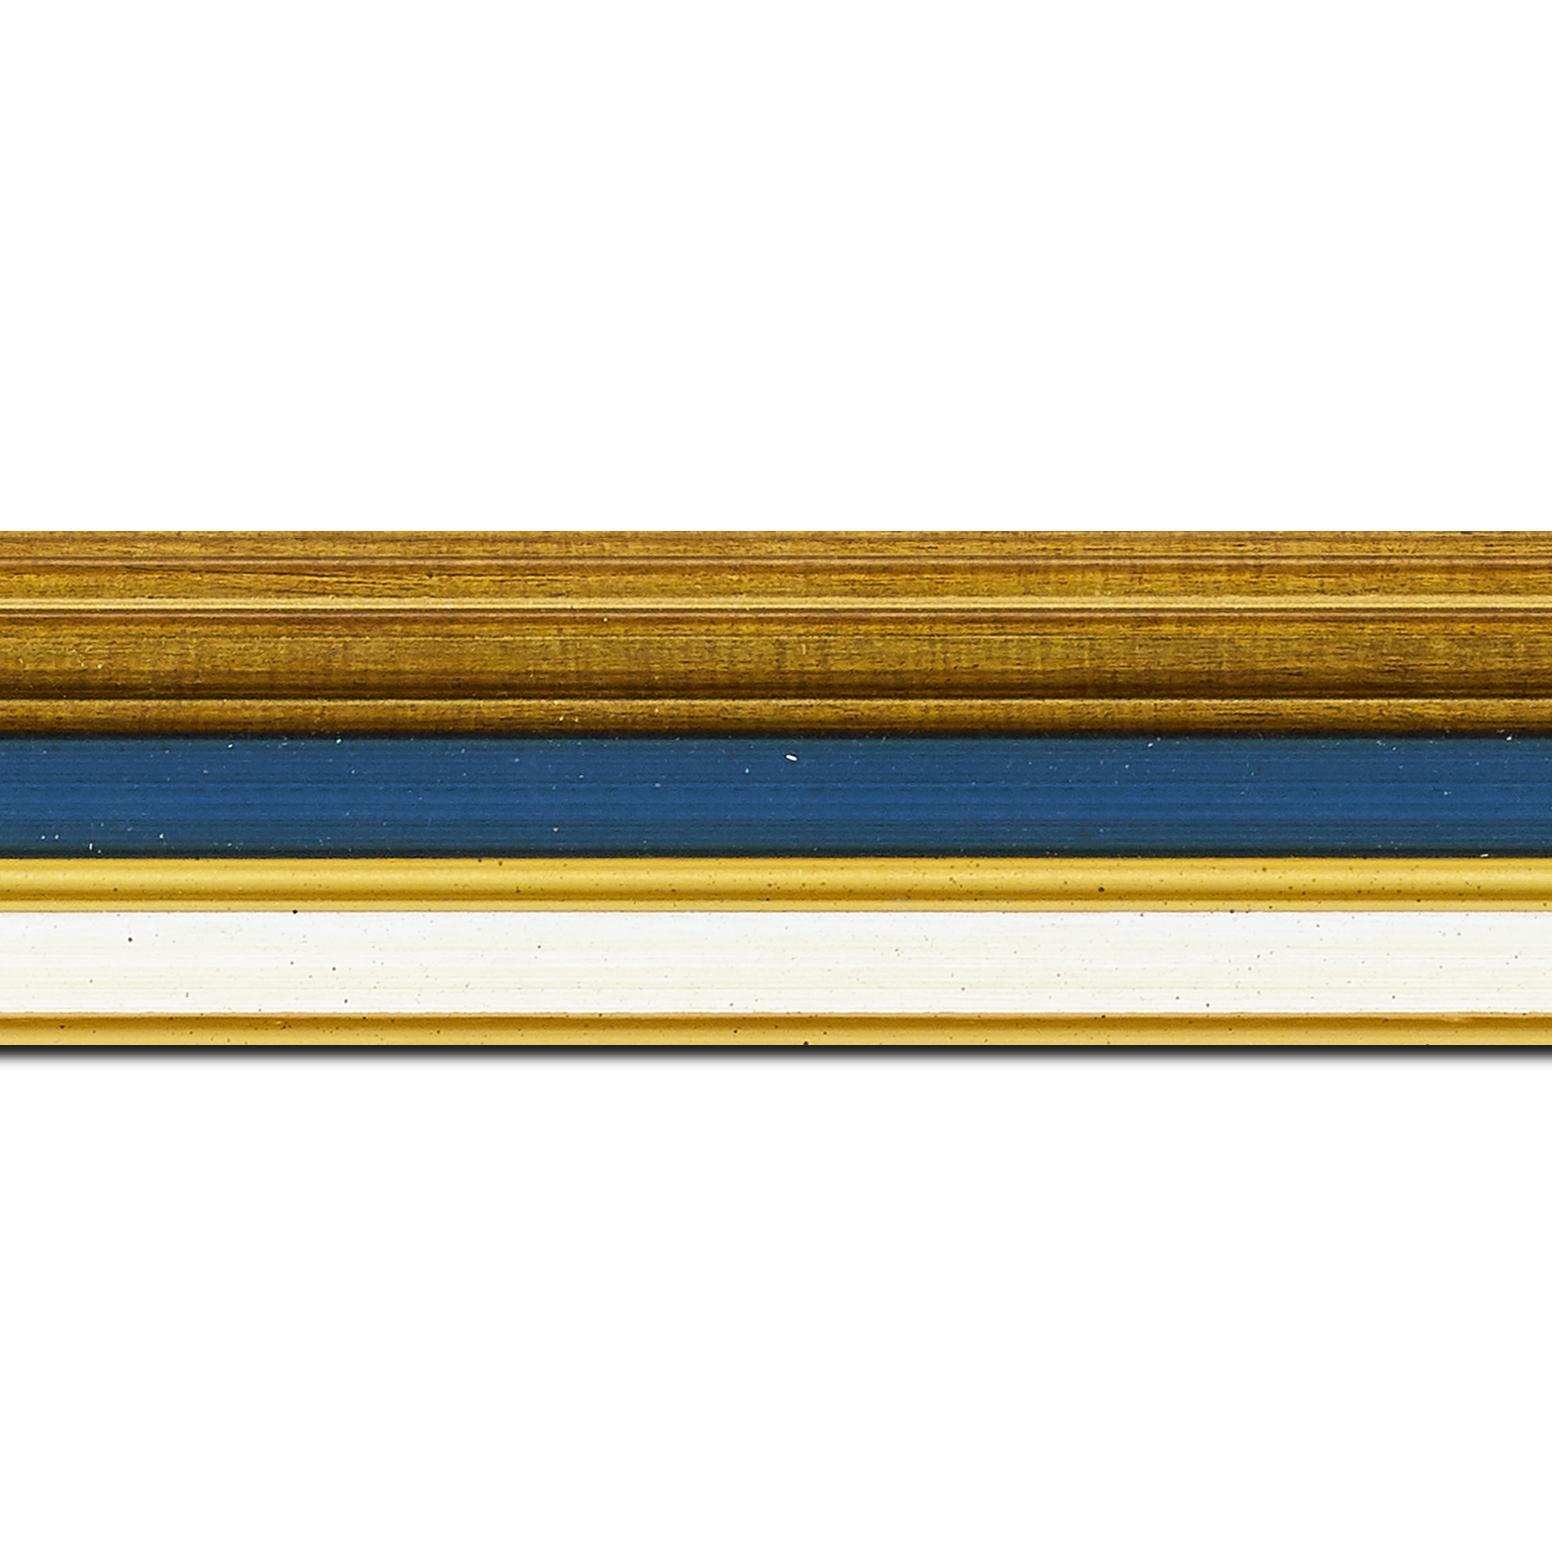 Baguette longueur 1.40m bois largeur 5.2cm or gorge bleue nuit  marie louise crème filet or intégrée